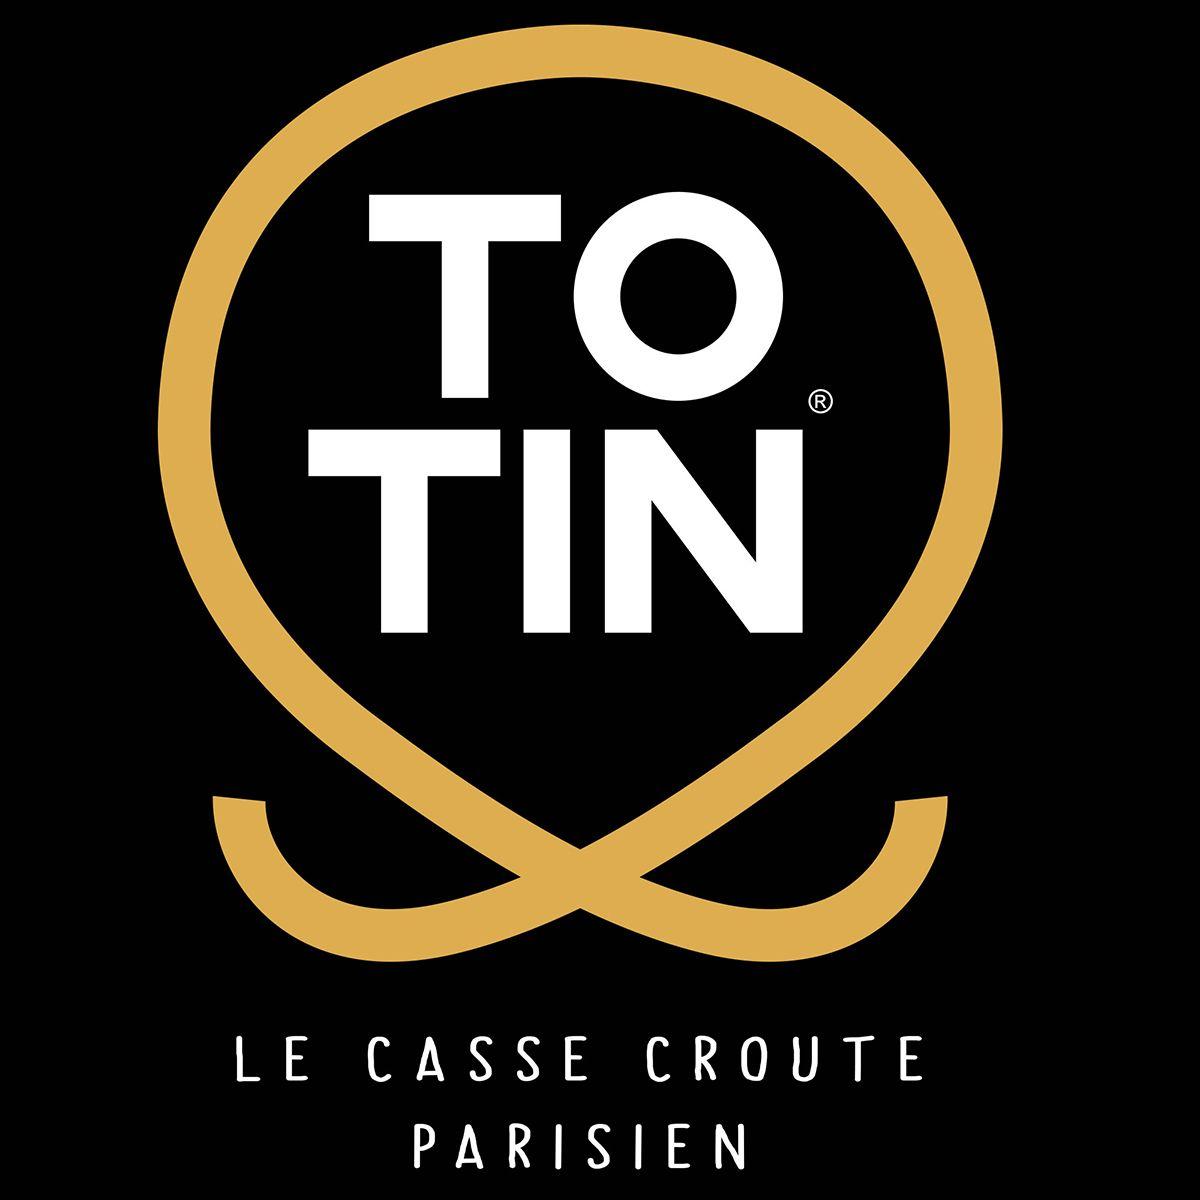 Logo Totin